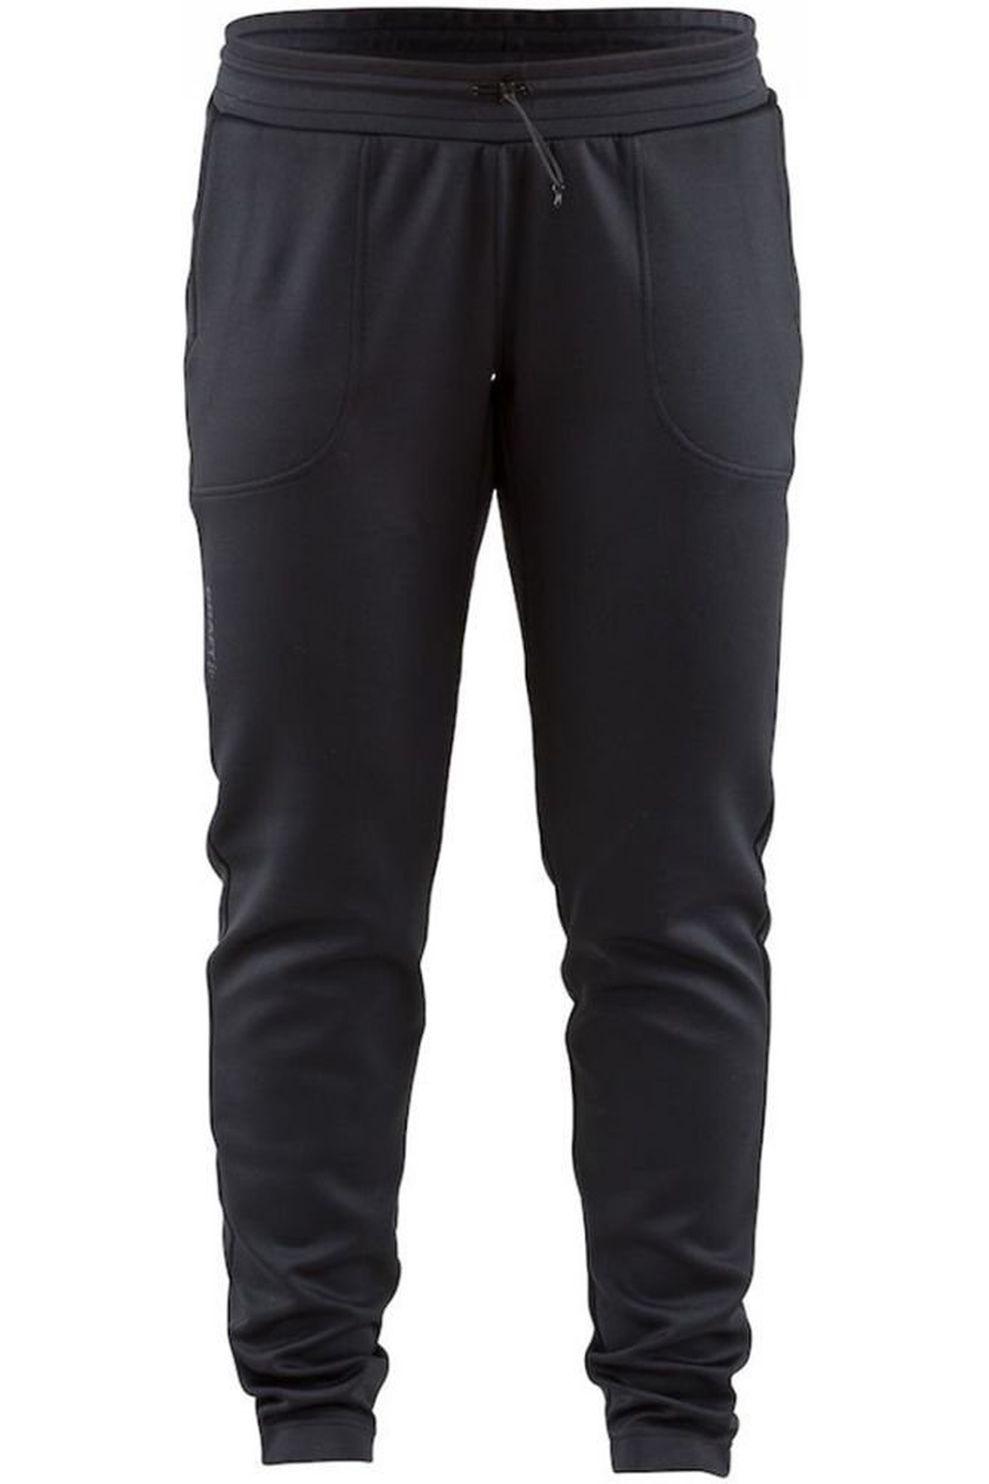 Craft Joggingbroek Noble Loose Fit voor heren - Zwart - Maten: S, M, XL